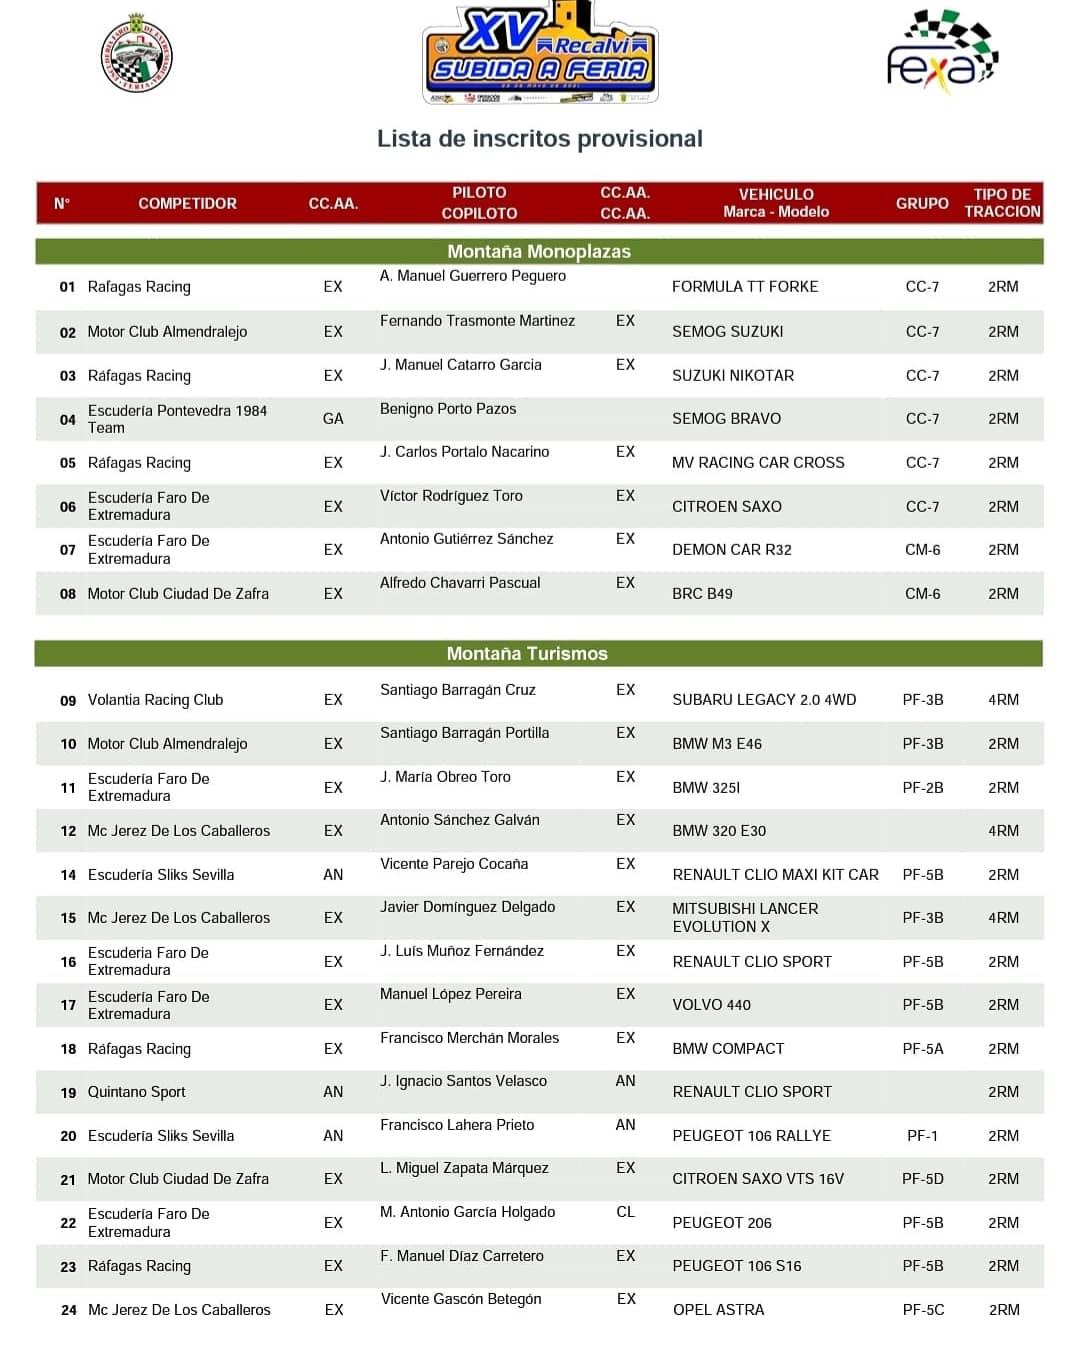 Campeonatos de Montaña Nacionales e Internacionales (FIA European Hillclimb, Berg Cup, BHC, CIVM, CFM...) - Página 43 E10TpHDXsAAbiJk?format=jpg&name=large